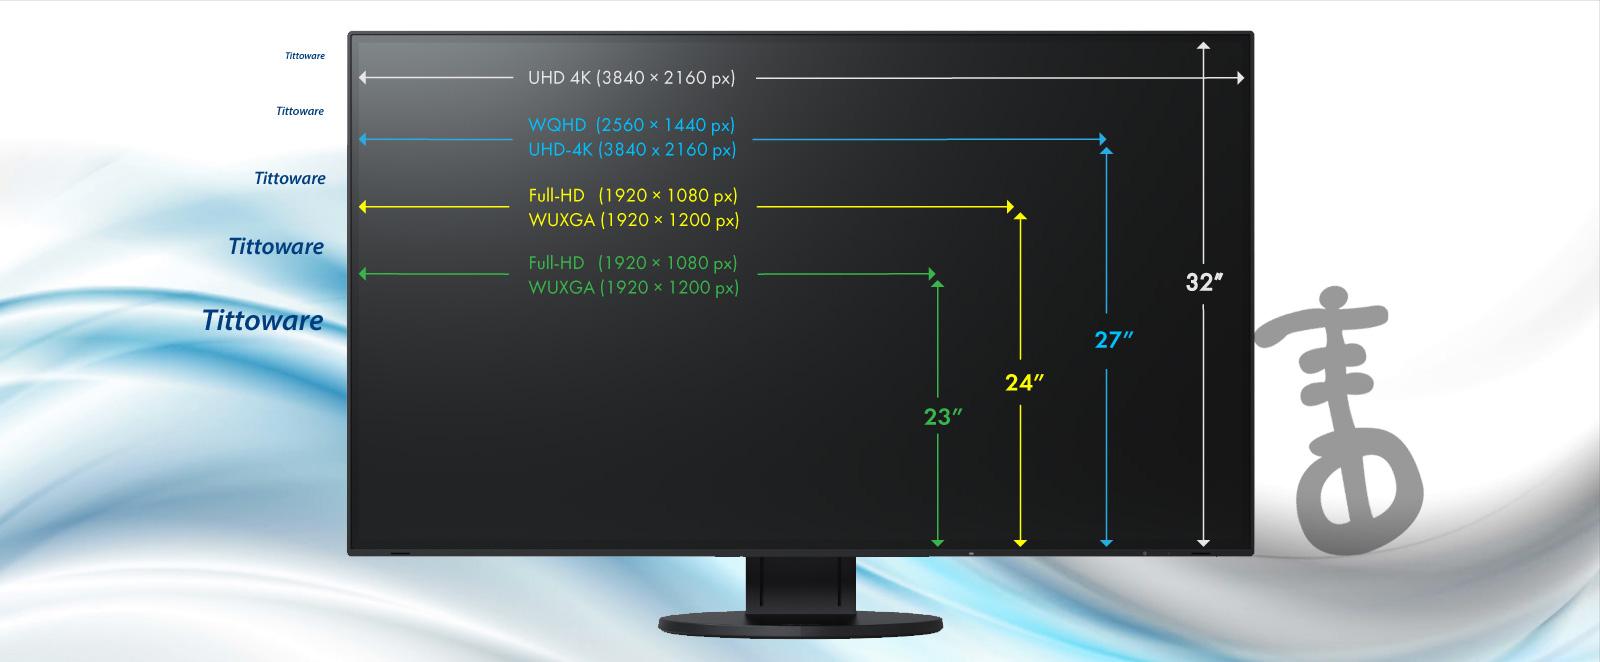 Compro il monitor molto grande perché ci vedo poco